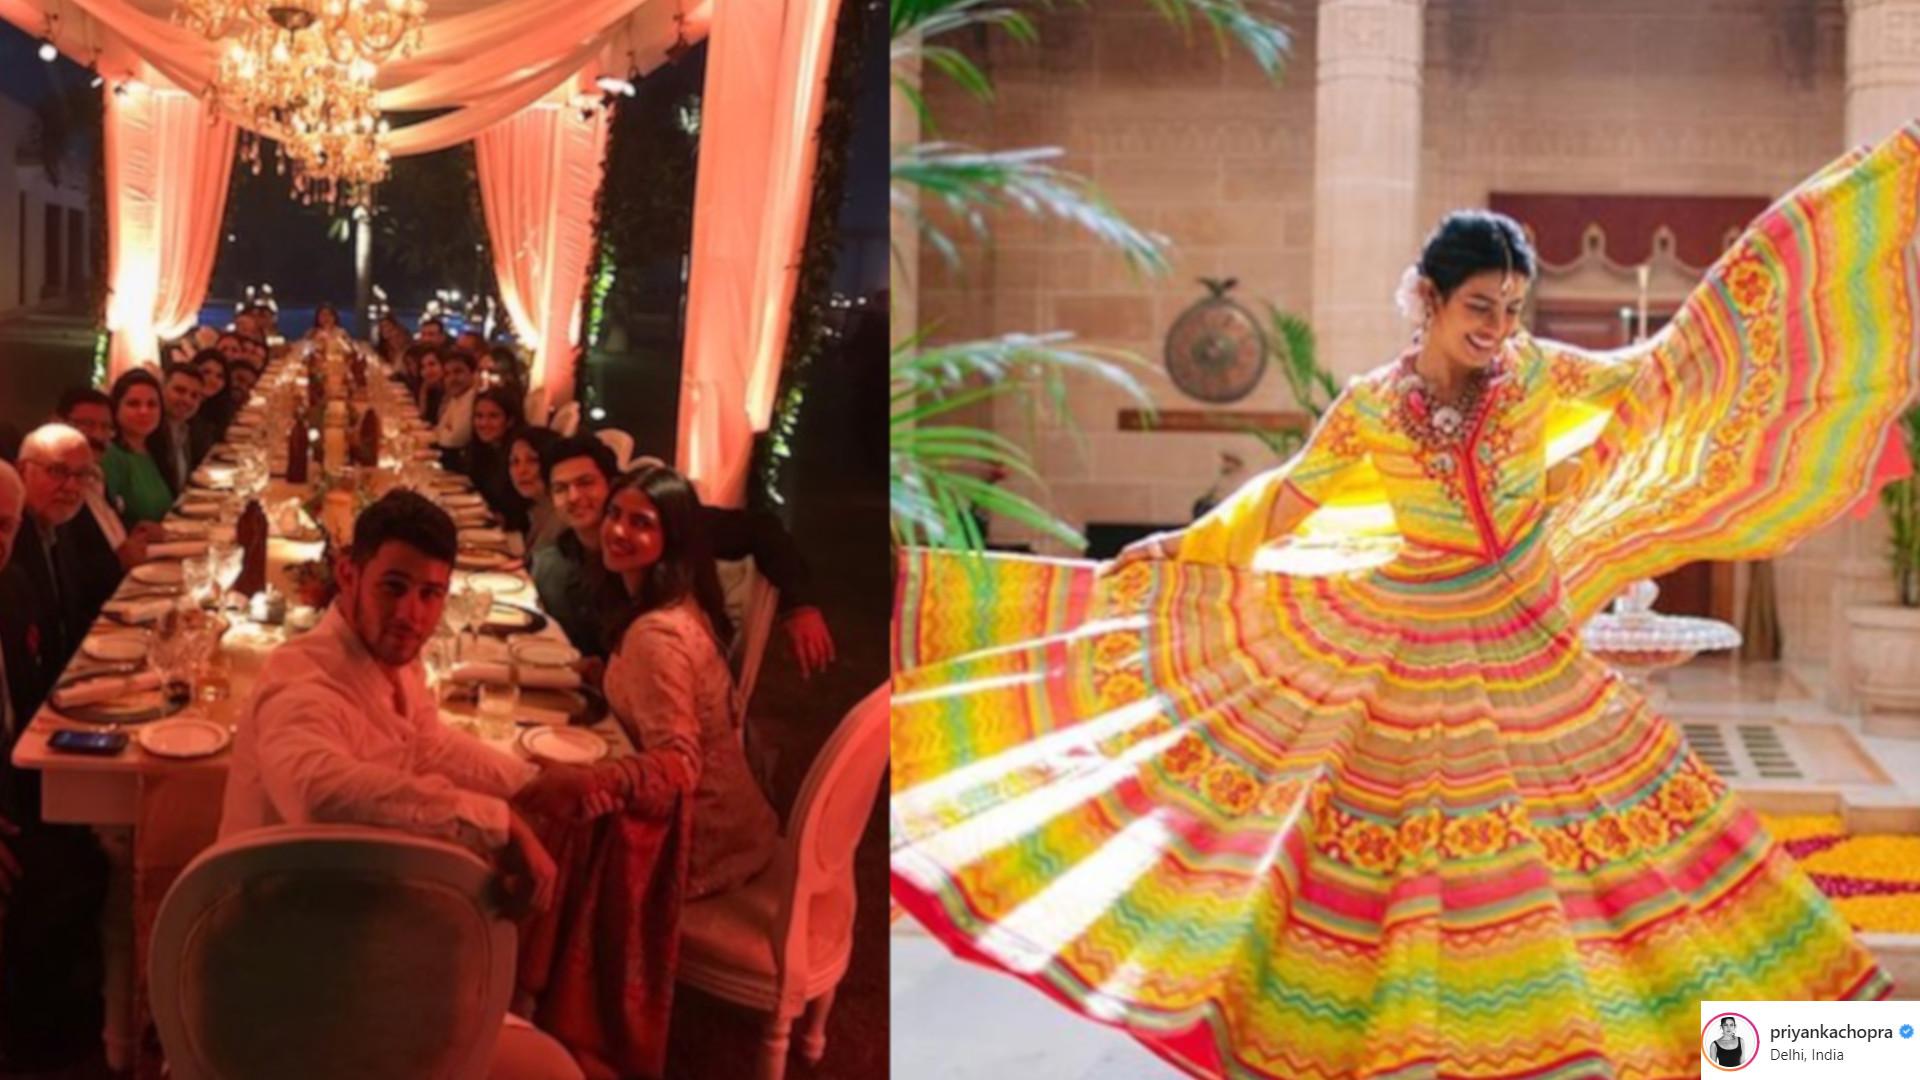 OD tej sumy rozboli głowa! Nick i Priyanka zapłacili MAJĄTEK za wesele